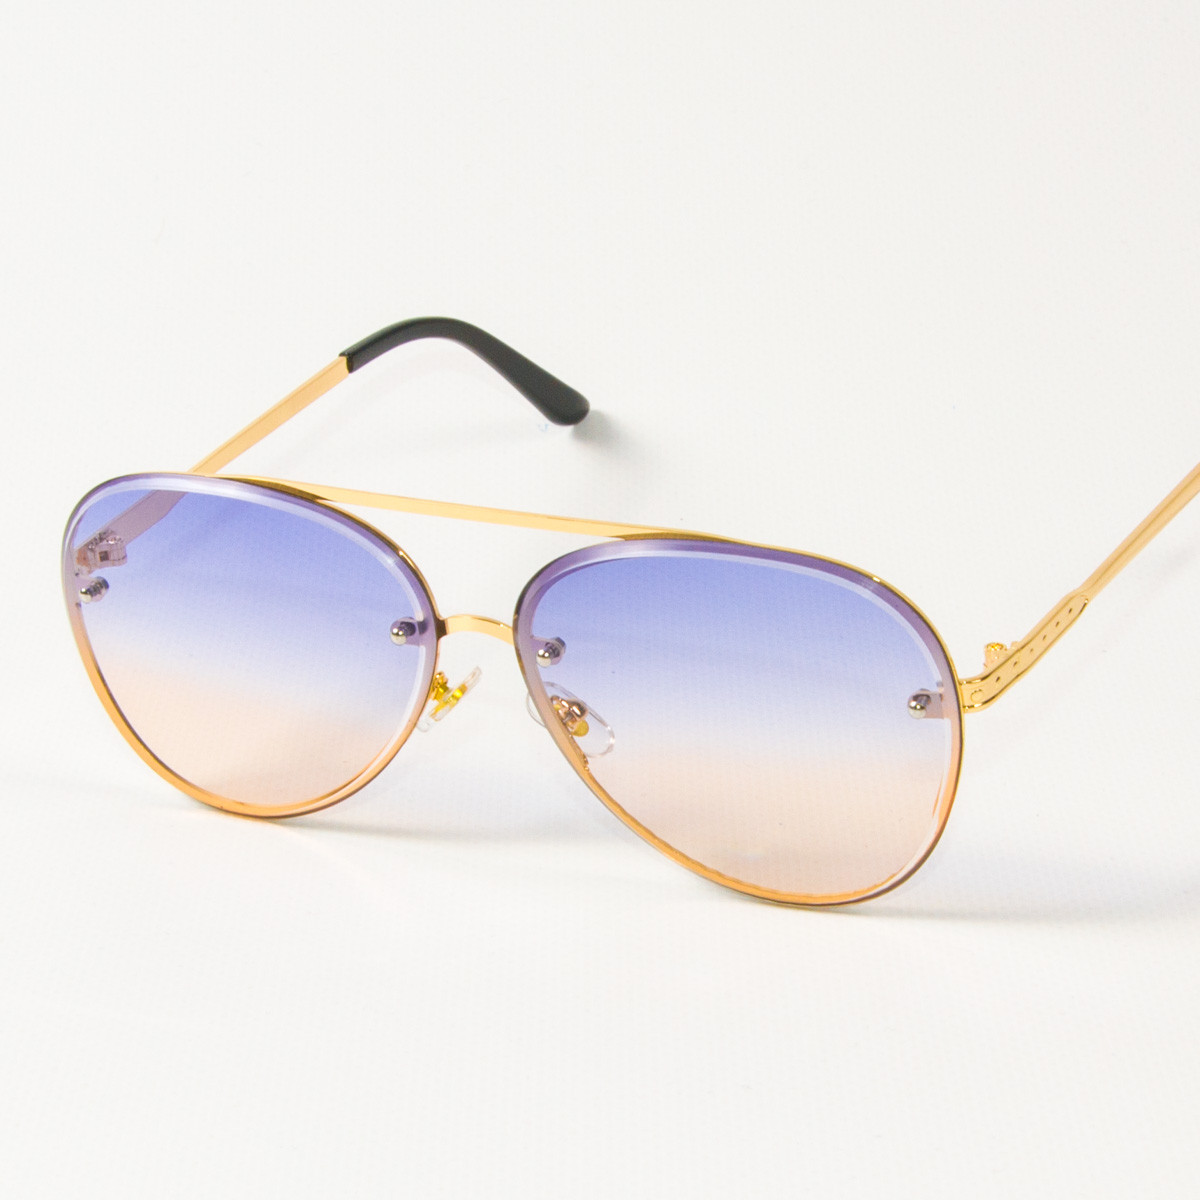 Солнцезащитные очки авиаторы (арт.6247/1) желто-голубые